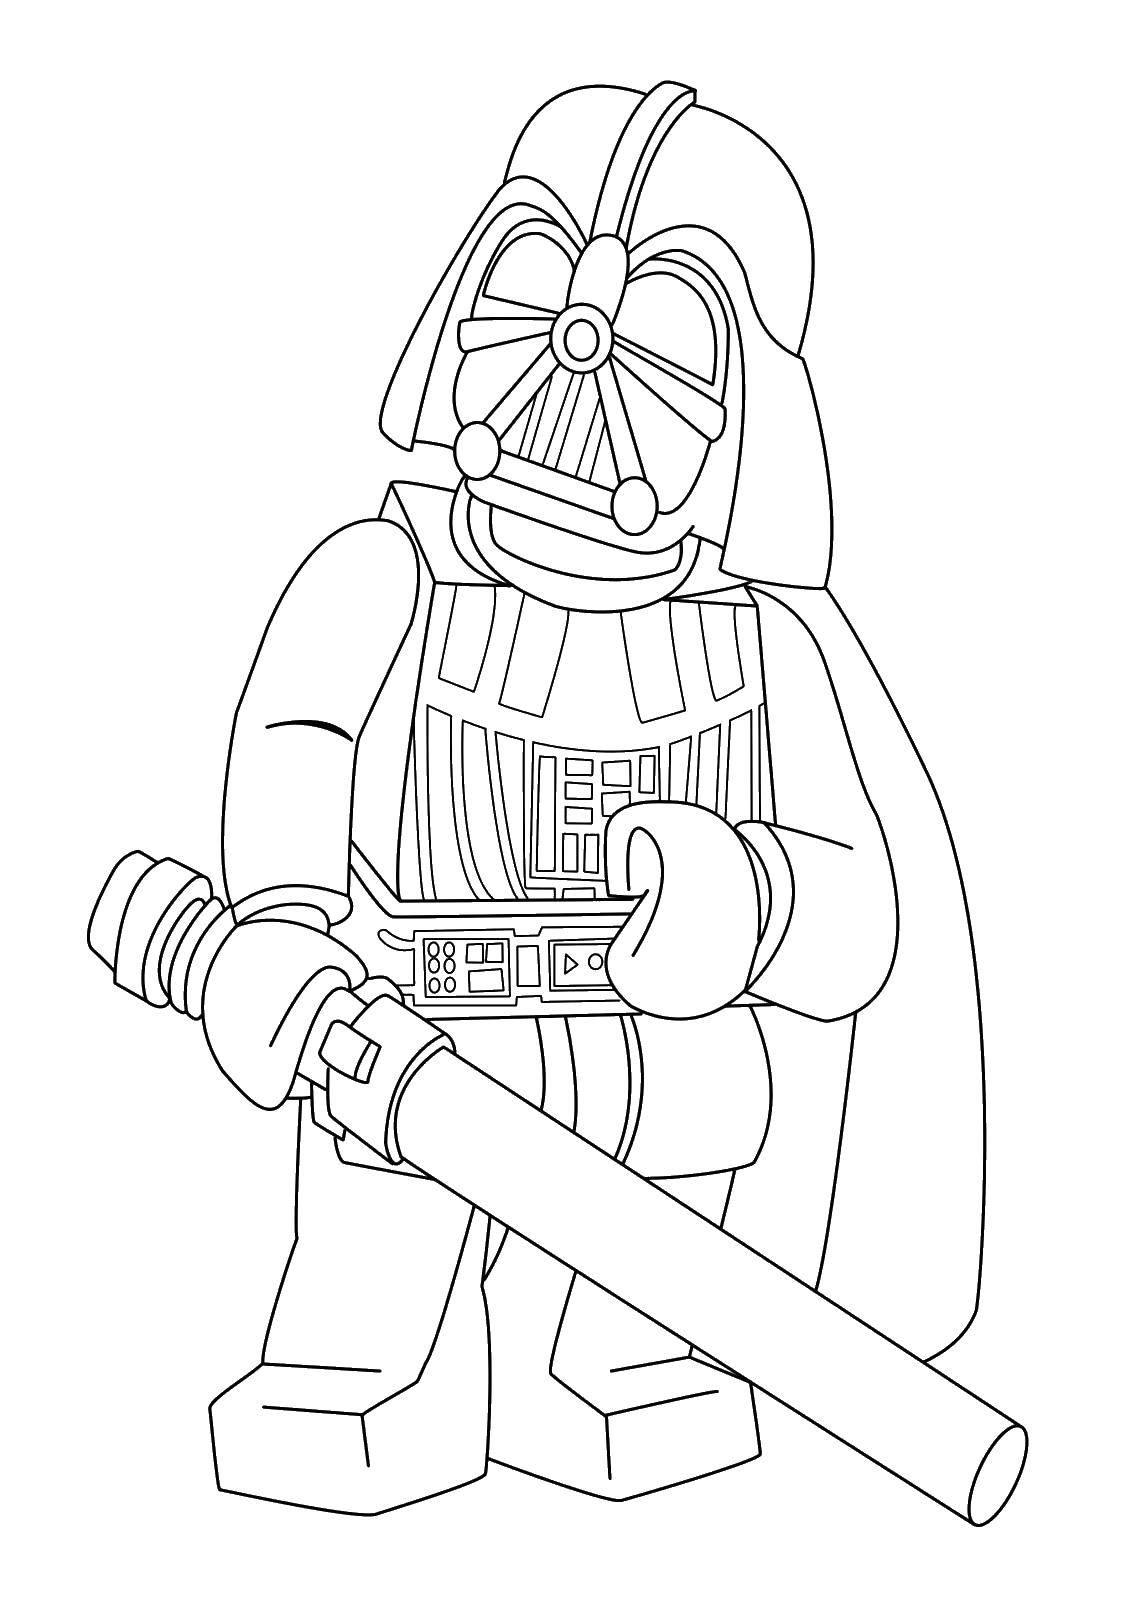 Раскраска Дарт вейдер с мечом Скачать Дарт Вейдер, лего.  Распечатать ,Лего,